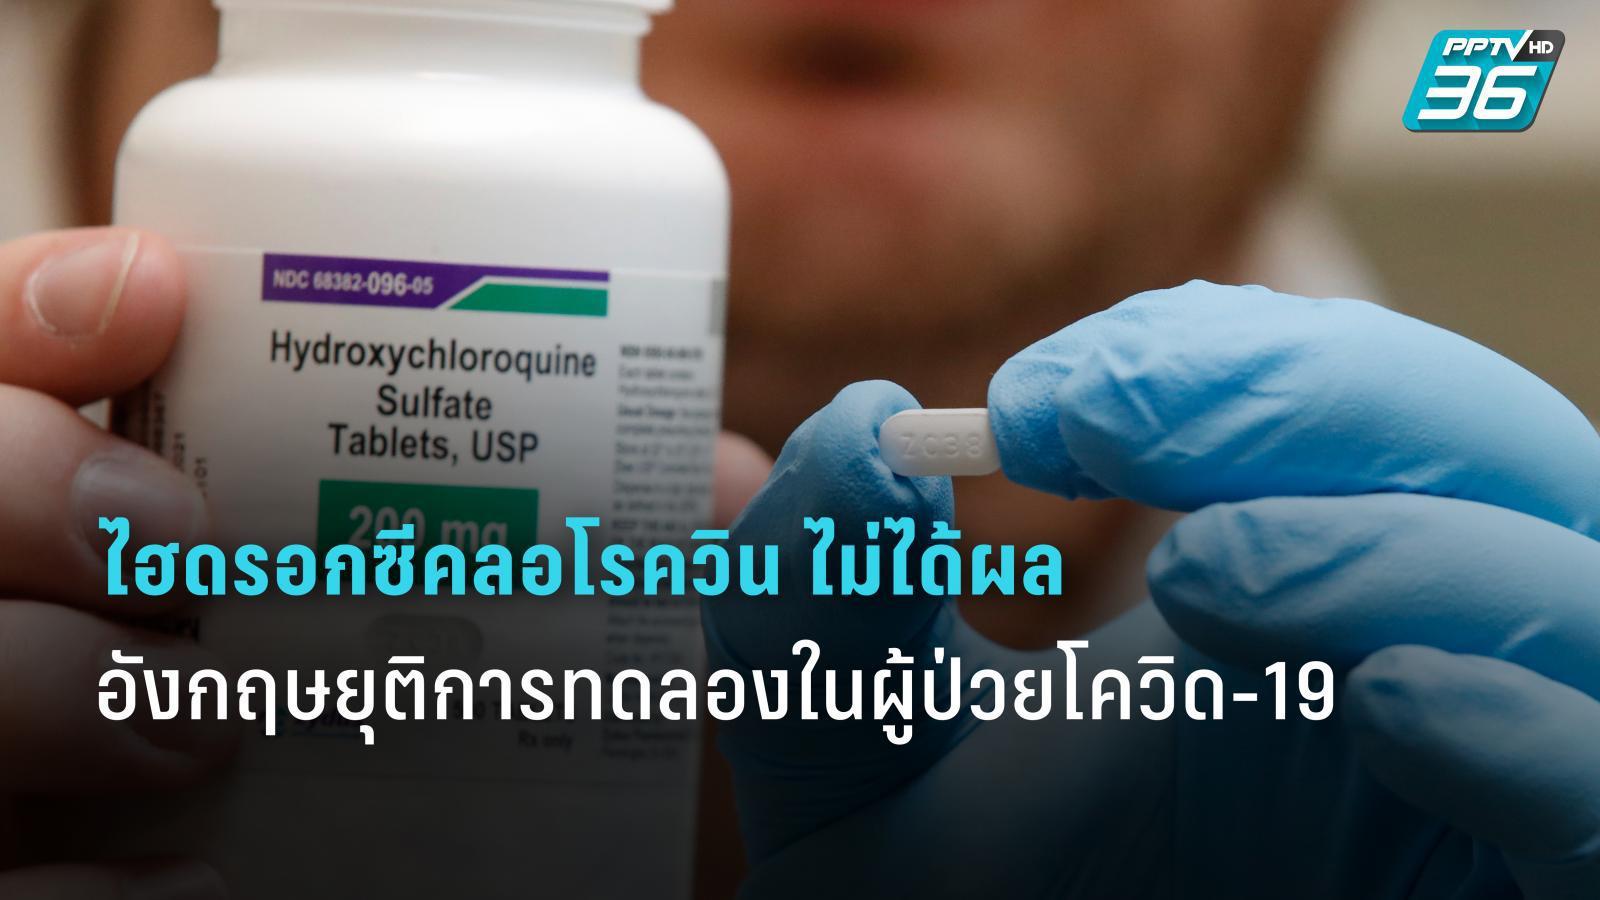 """อังกฤษยุติทดลอง """"ยาไฮดรอกซีคลอโรควิน""""ในผู้ป่วยโควิด-19"""